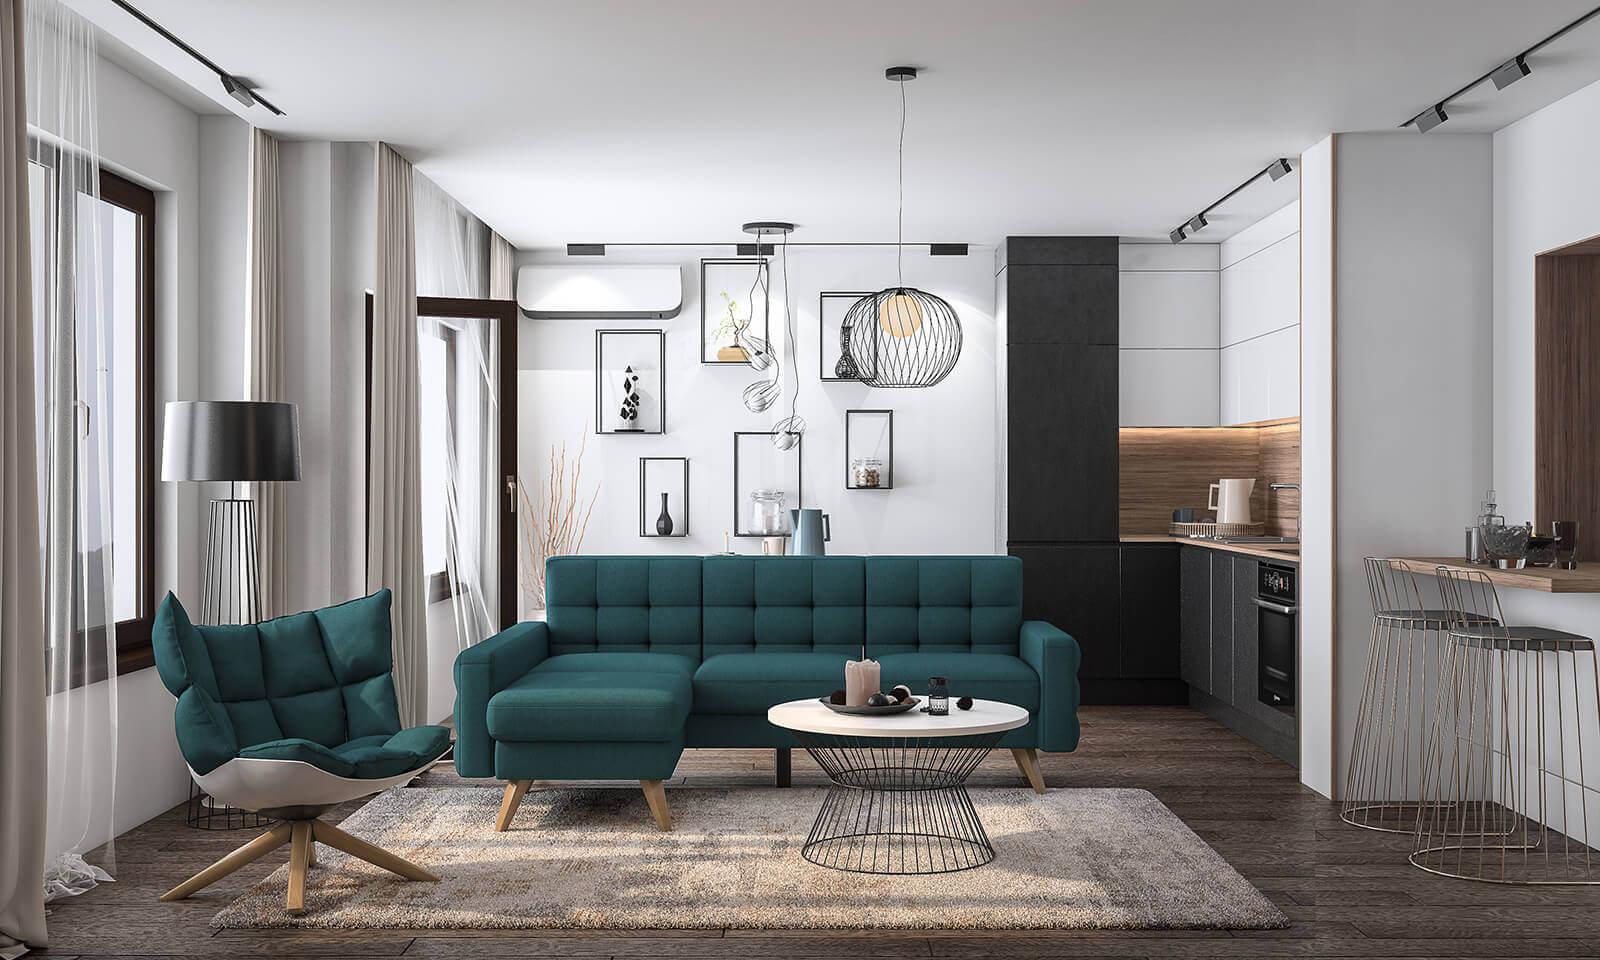 interioren-dizain-na-vsekidnevna-proekt-na-kuhina-Nappa